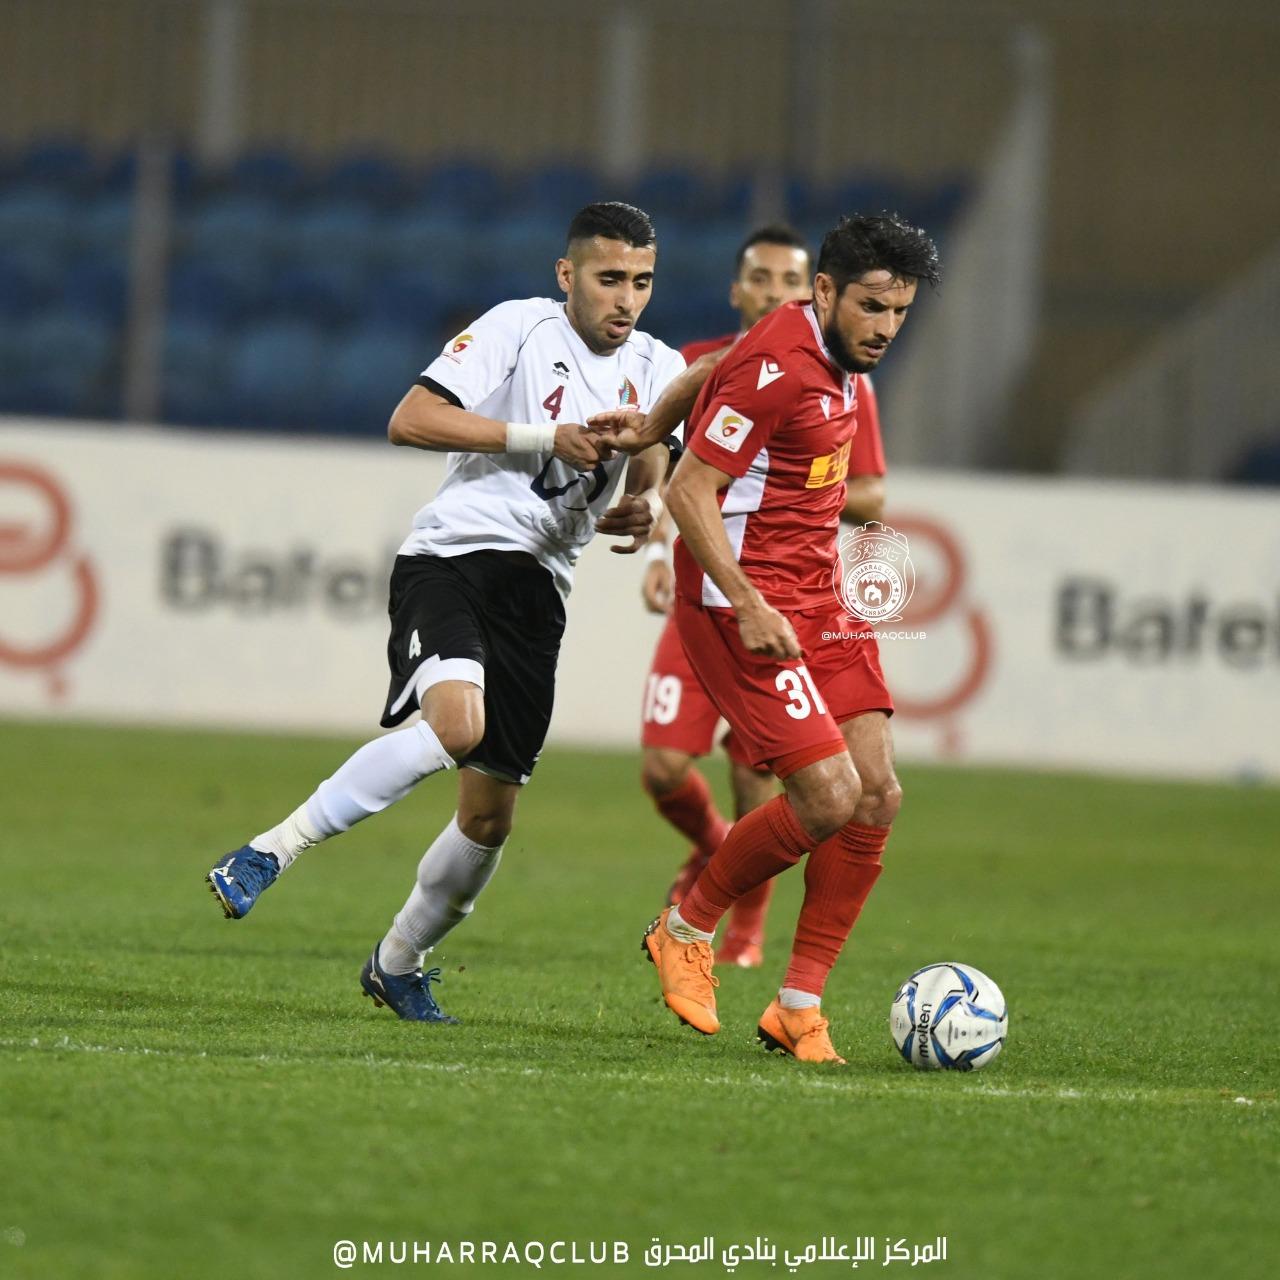 De volta aos treinos no Bahrein, Tiago Real almeja manter ótimos números e fala em ser espelho para a sociedade